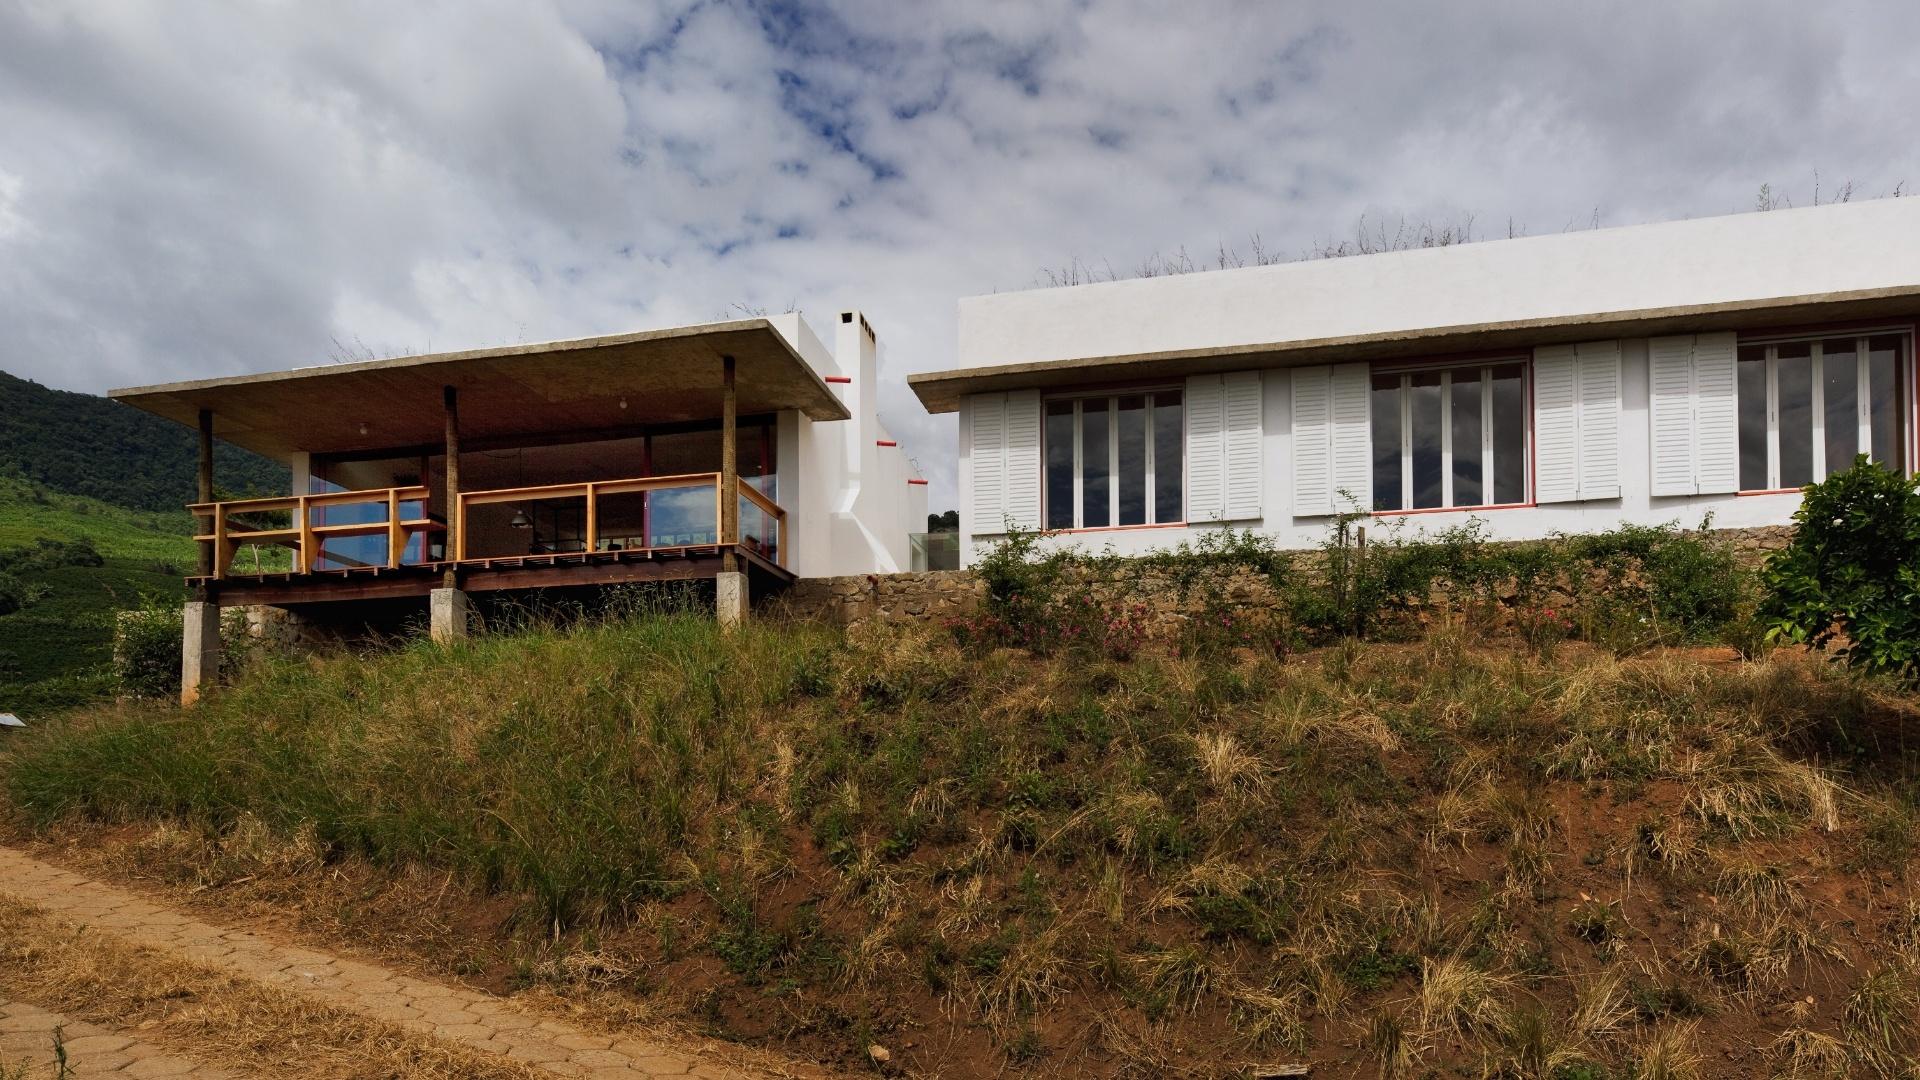 Os dois blocos da casa Dom Viçoso, projetada pelo arquiteto Marcelo Ferraz, têm formatos distintos: à direita, é possível ver os amplos janelões das três suites com beiral; à esquerda, está o volume da área social com varanda voltada para as montanhas